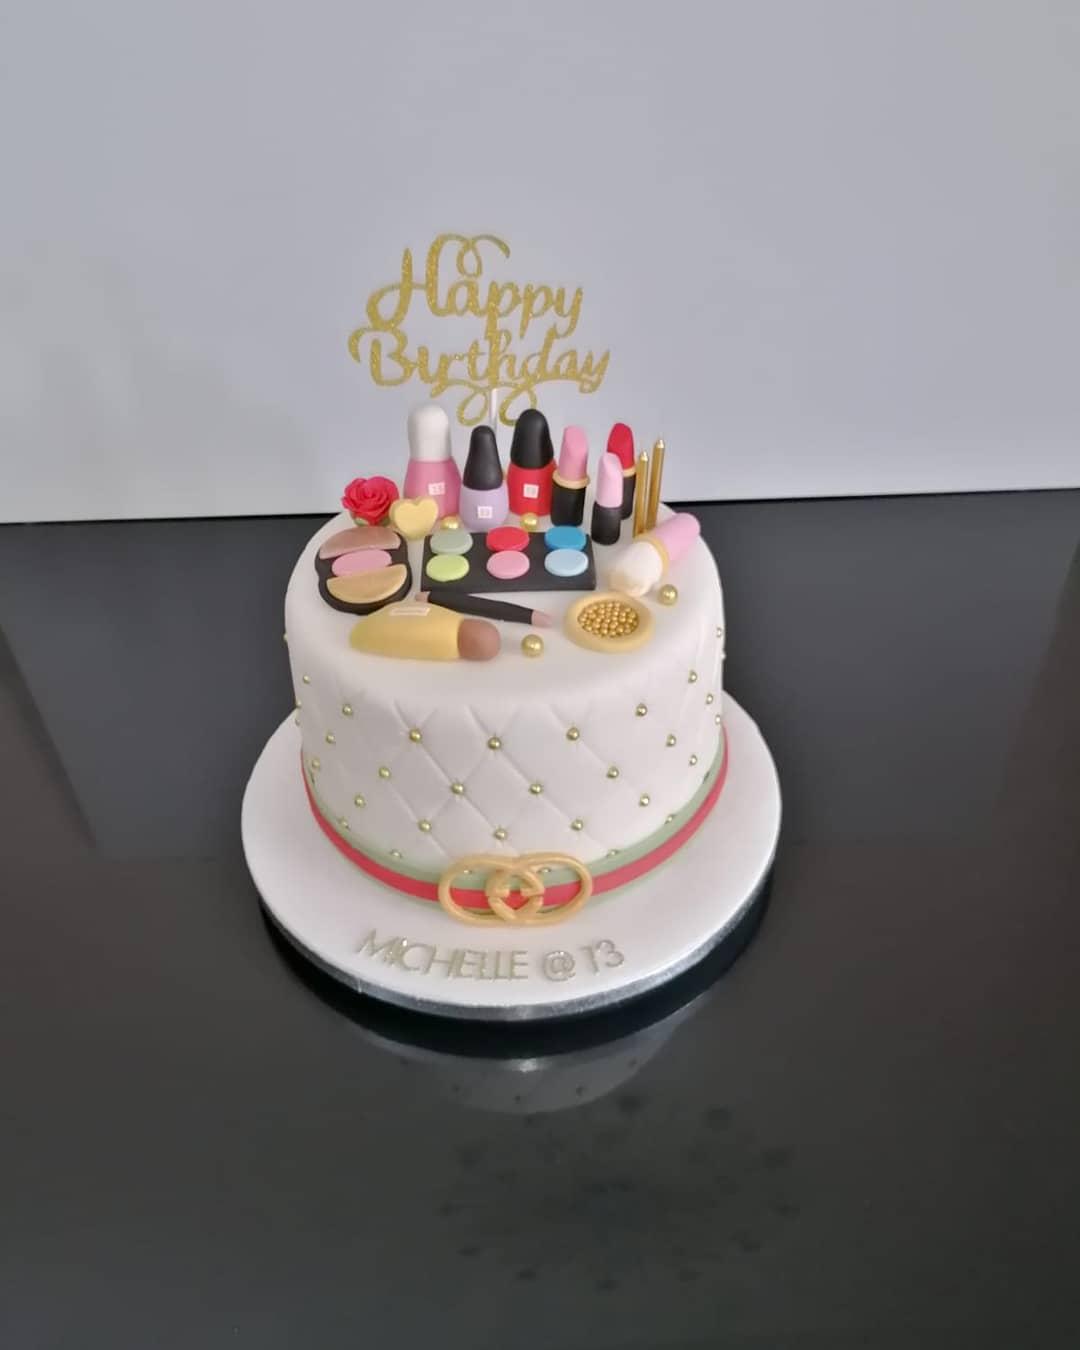 Gucci Makeup Cake